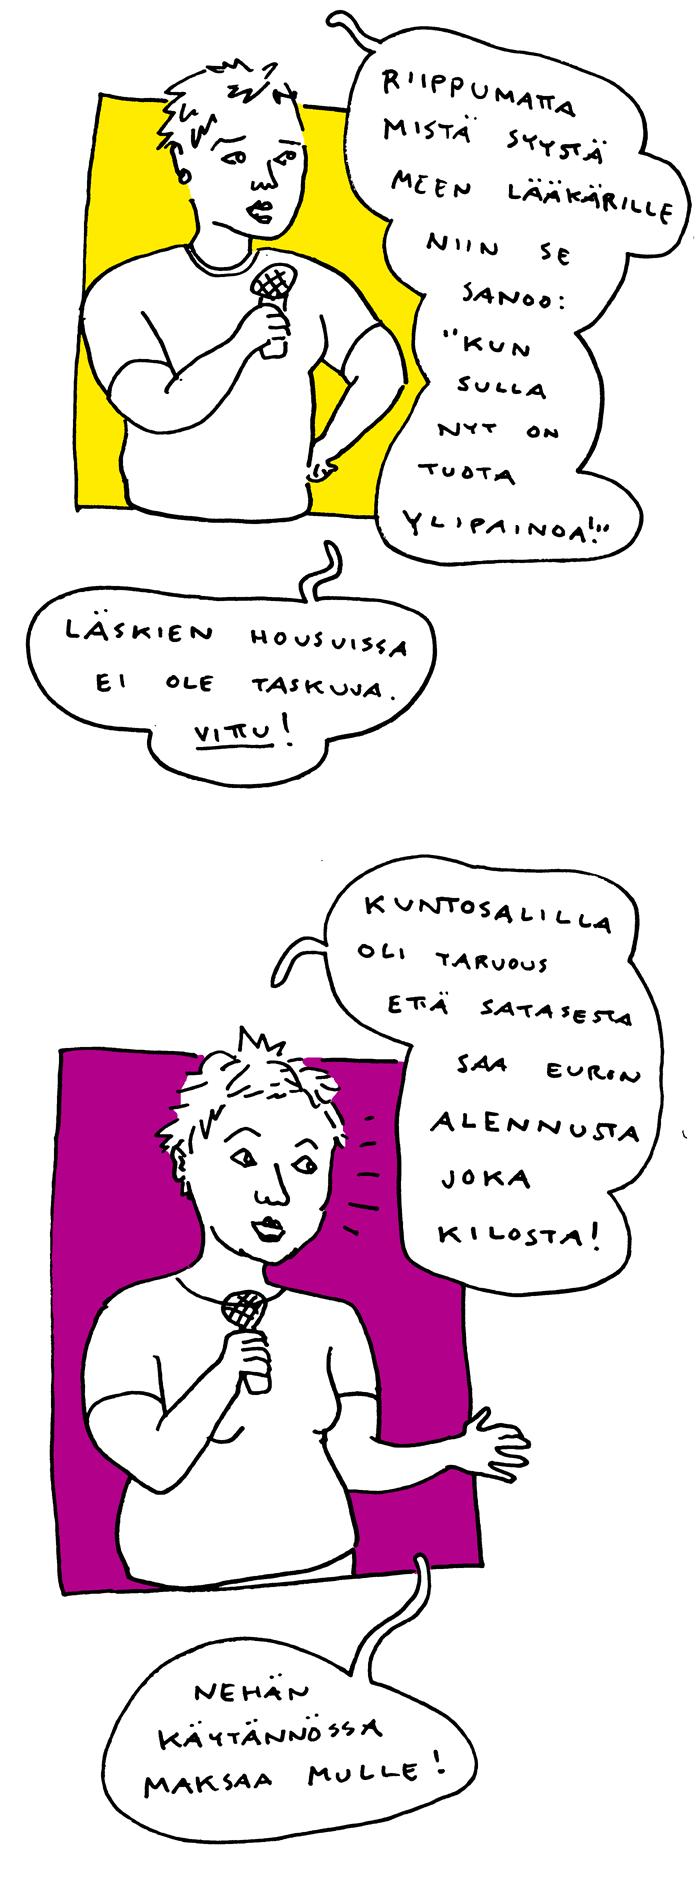 kiroiluiltama04-raisa-omaheimo